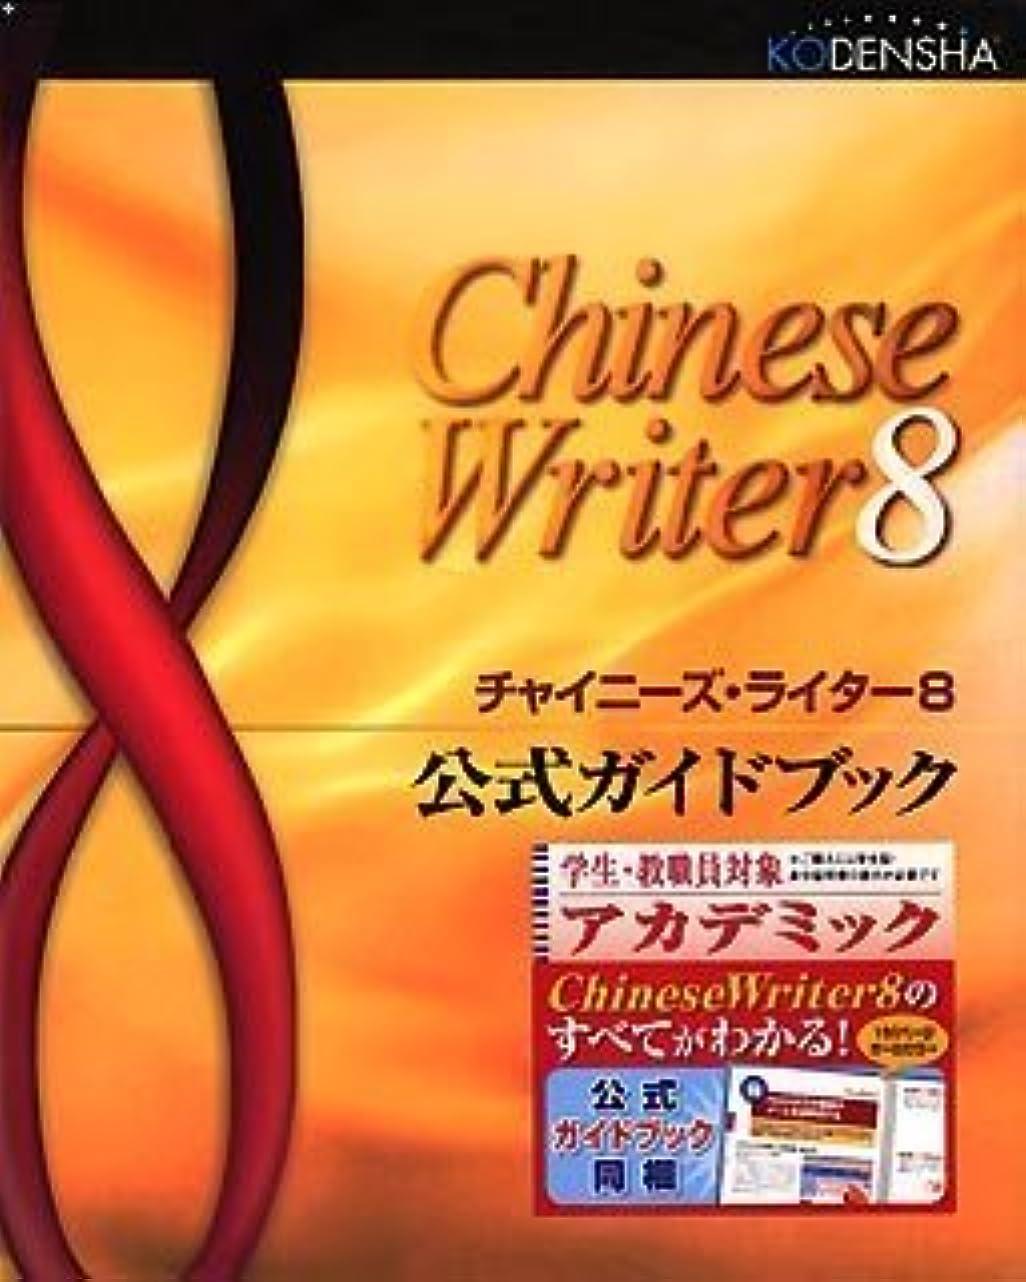 メジャークラフト誓うChineseWriter8 + ガイドブック アカデミックキット